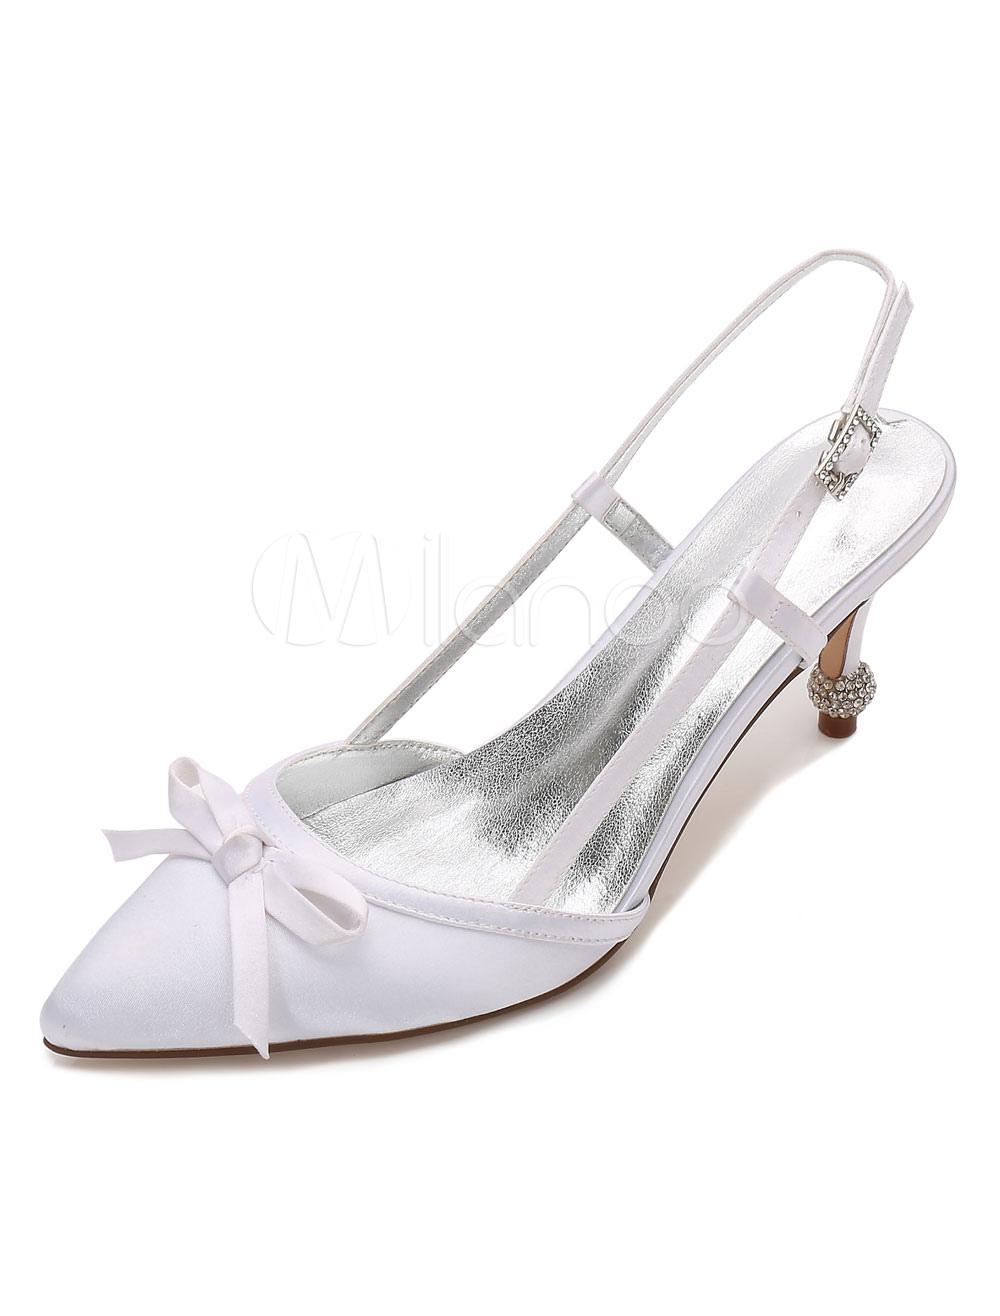 White Wedding Shoes Satin Kitten Heel Bow Slingbacks Bridal Shoes For Women